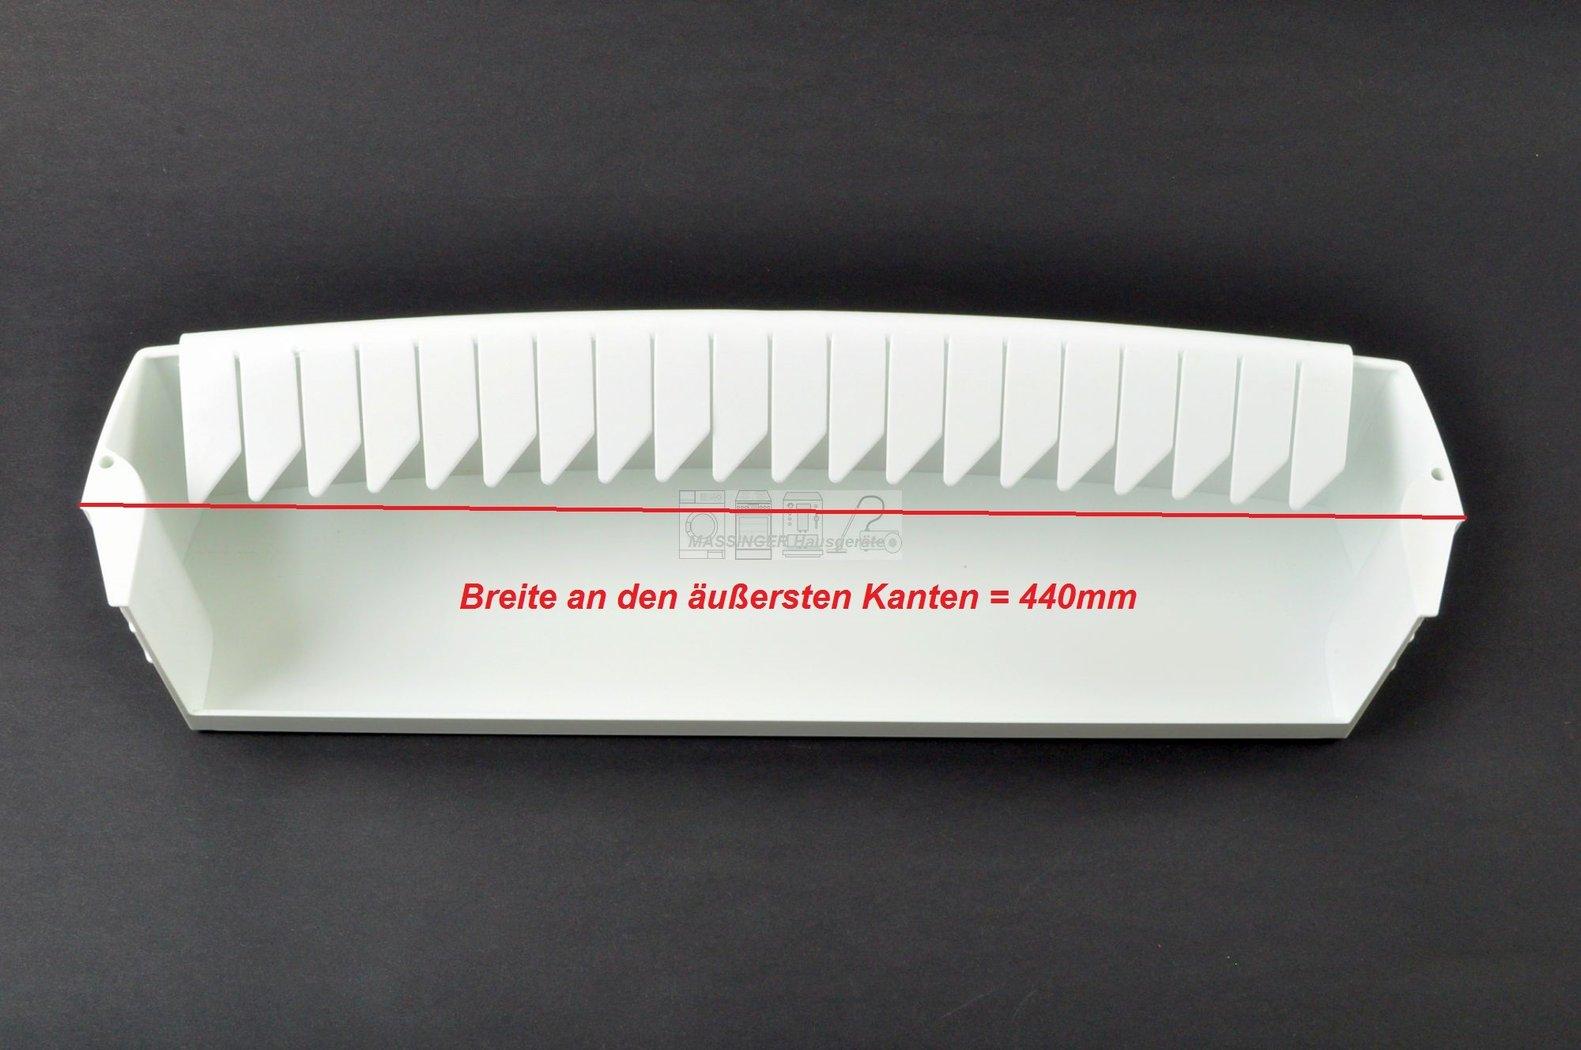 Kühlschrank Halterung : Zanker flaschen halter tür fach mm weiß kühlschrank